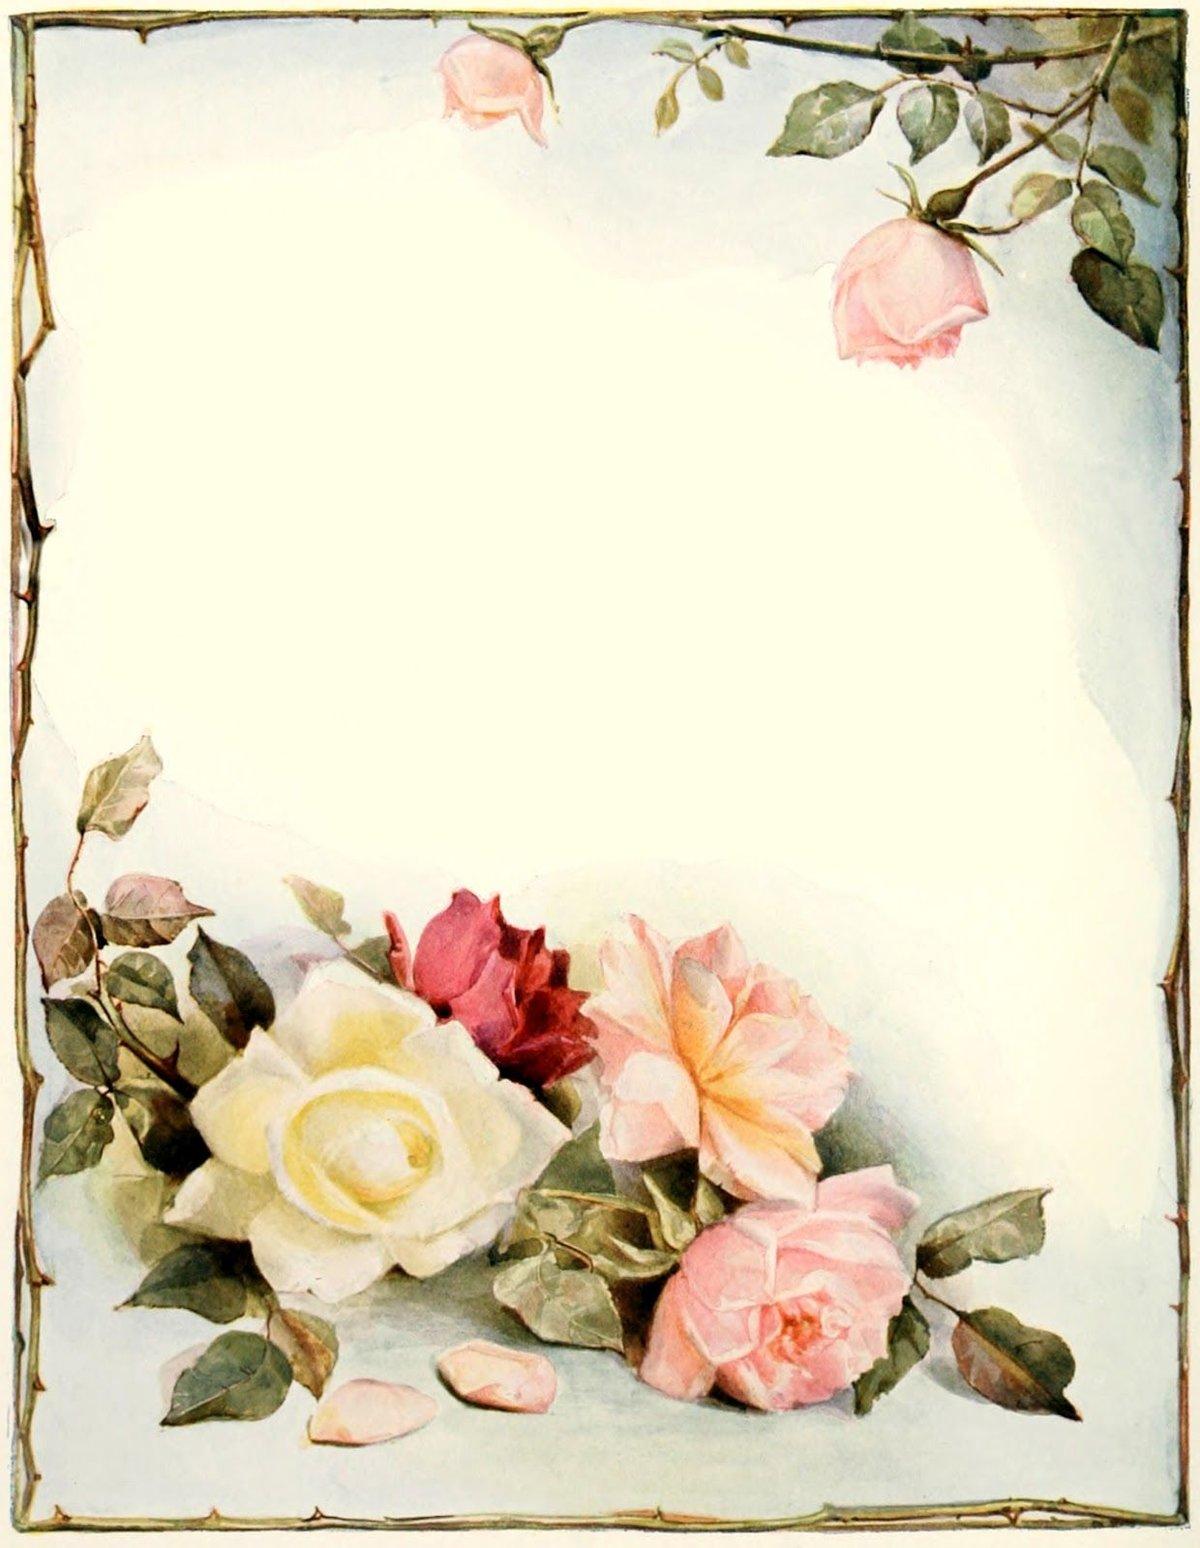 Жевотные картинки, сервис поздравительной открытки